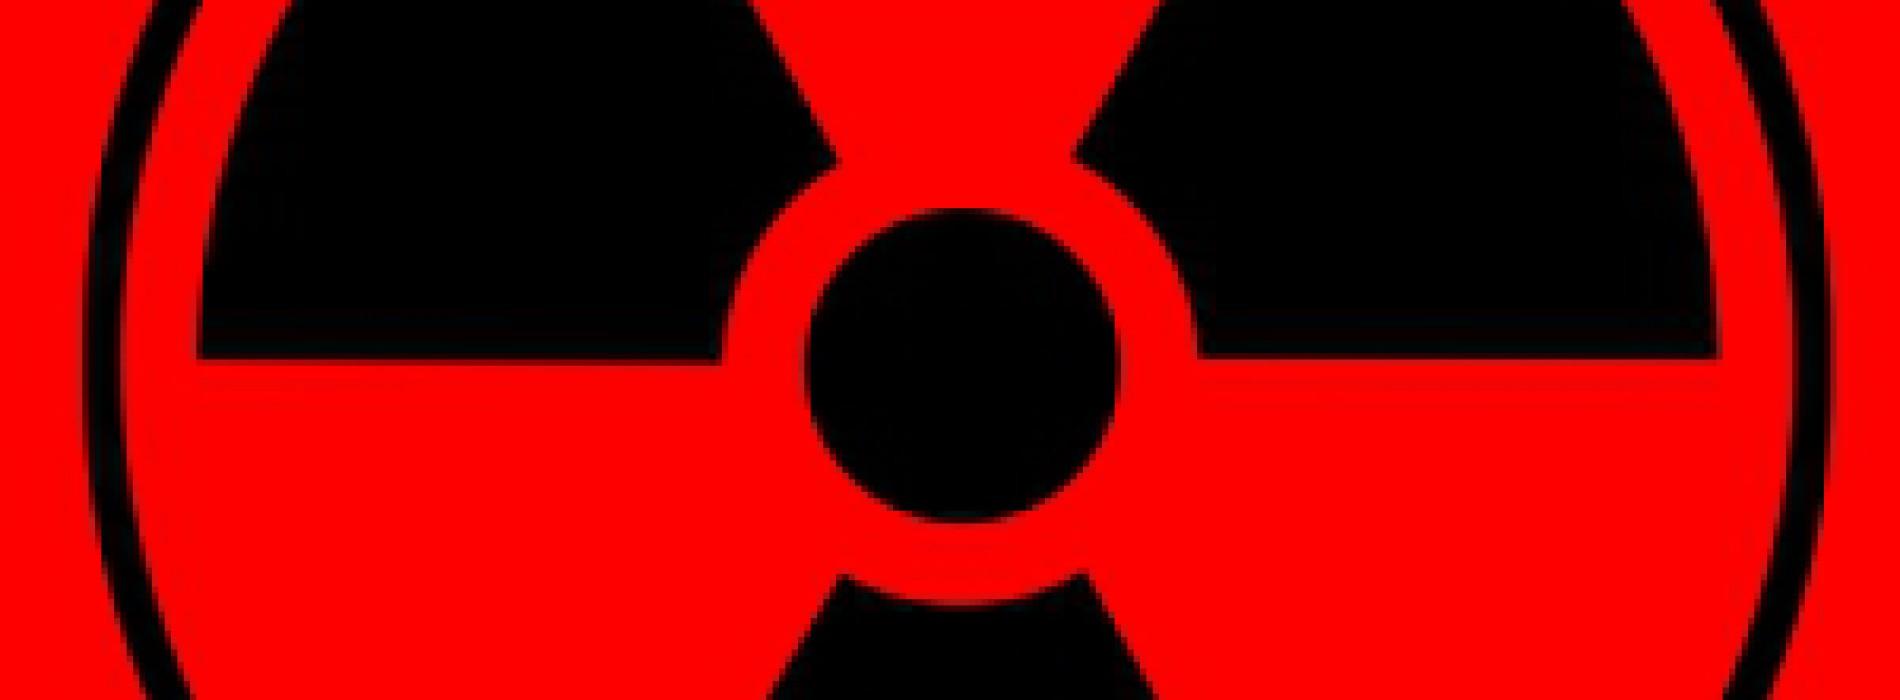 Polsce nie jest zagrożona skażeniem radiacyjnym